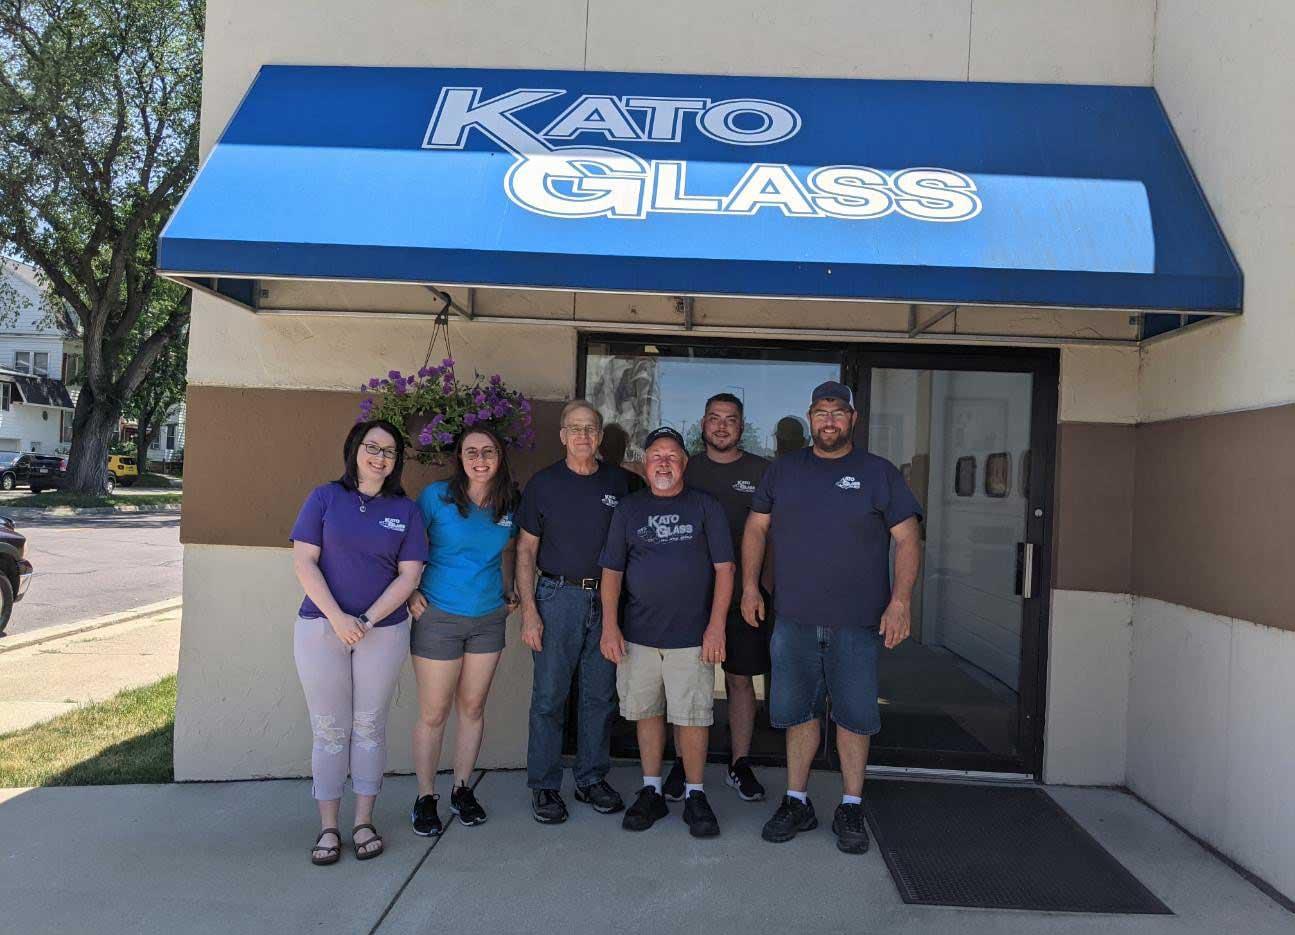 Kato Glass Team